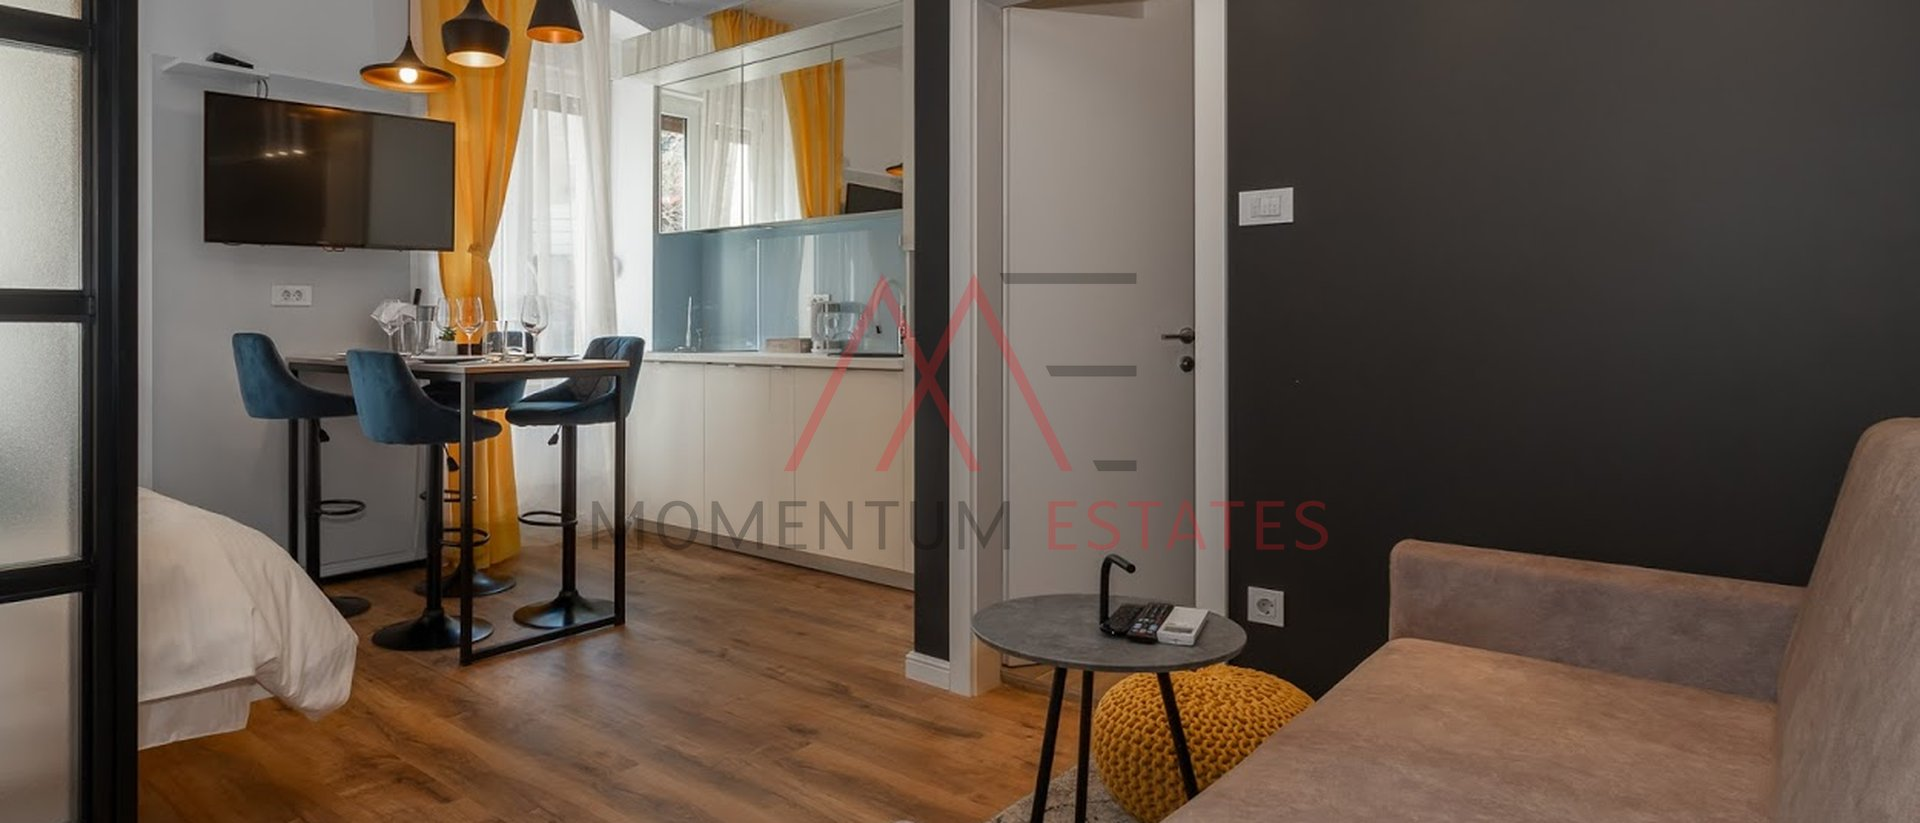 Stanovanje, 26 m2, Najem, Rijeka - Brajda